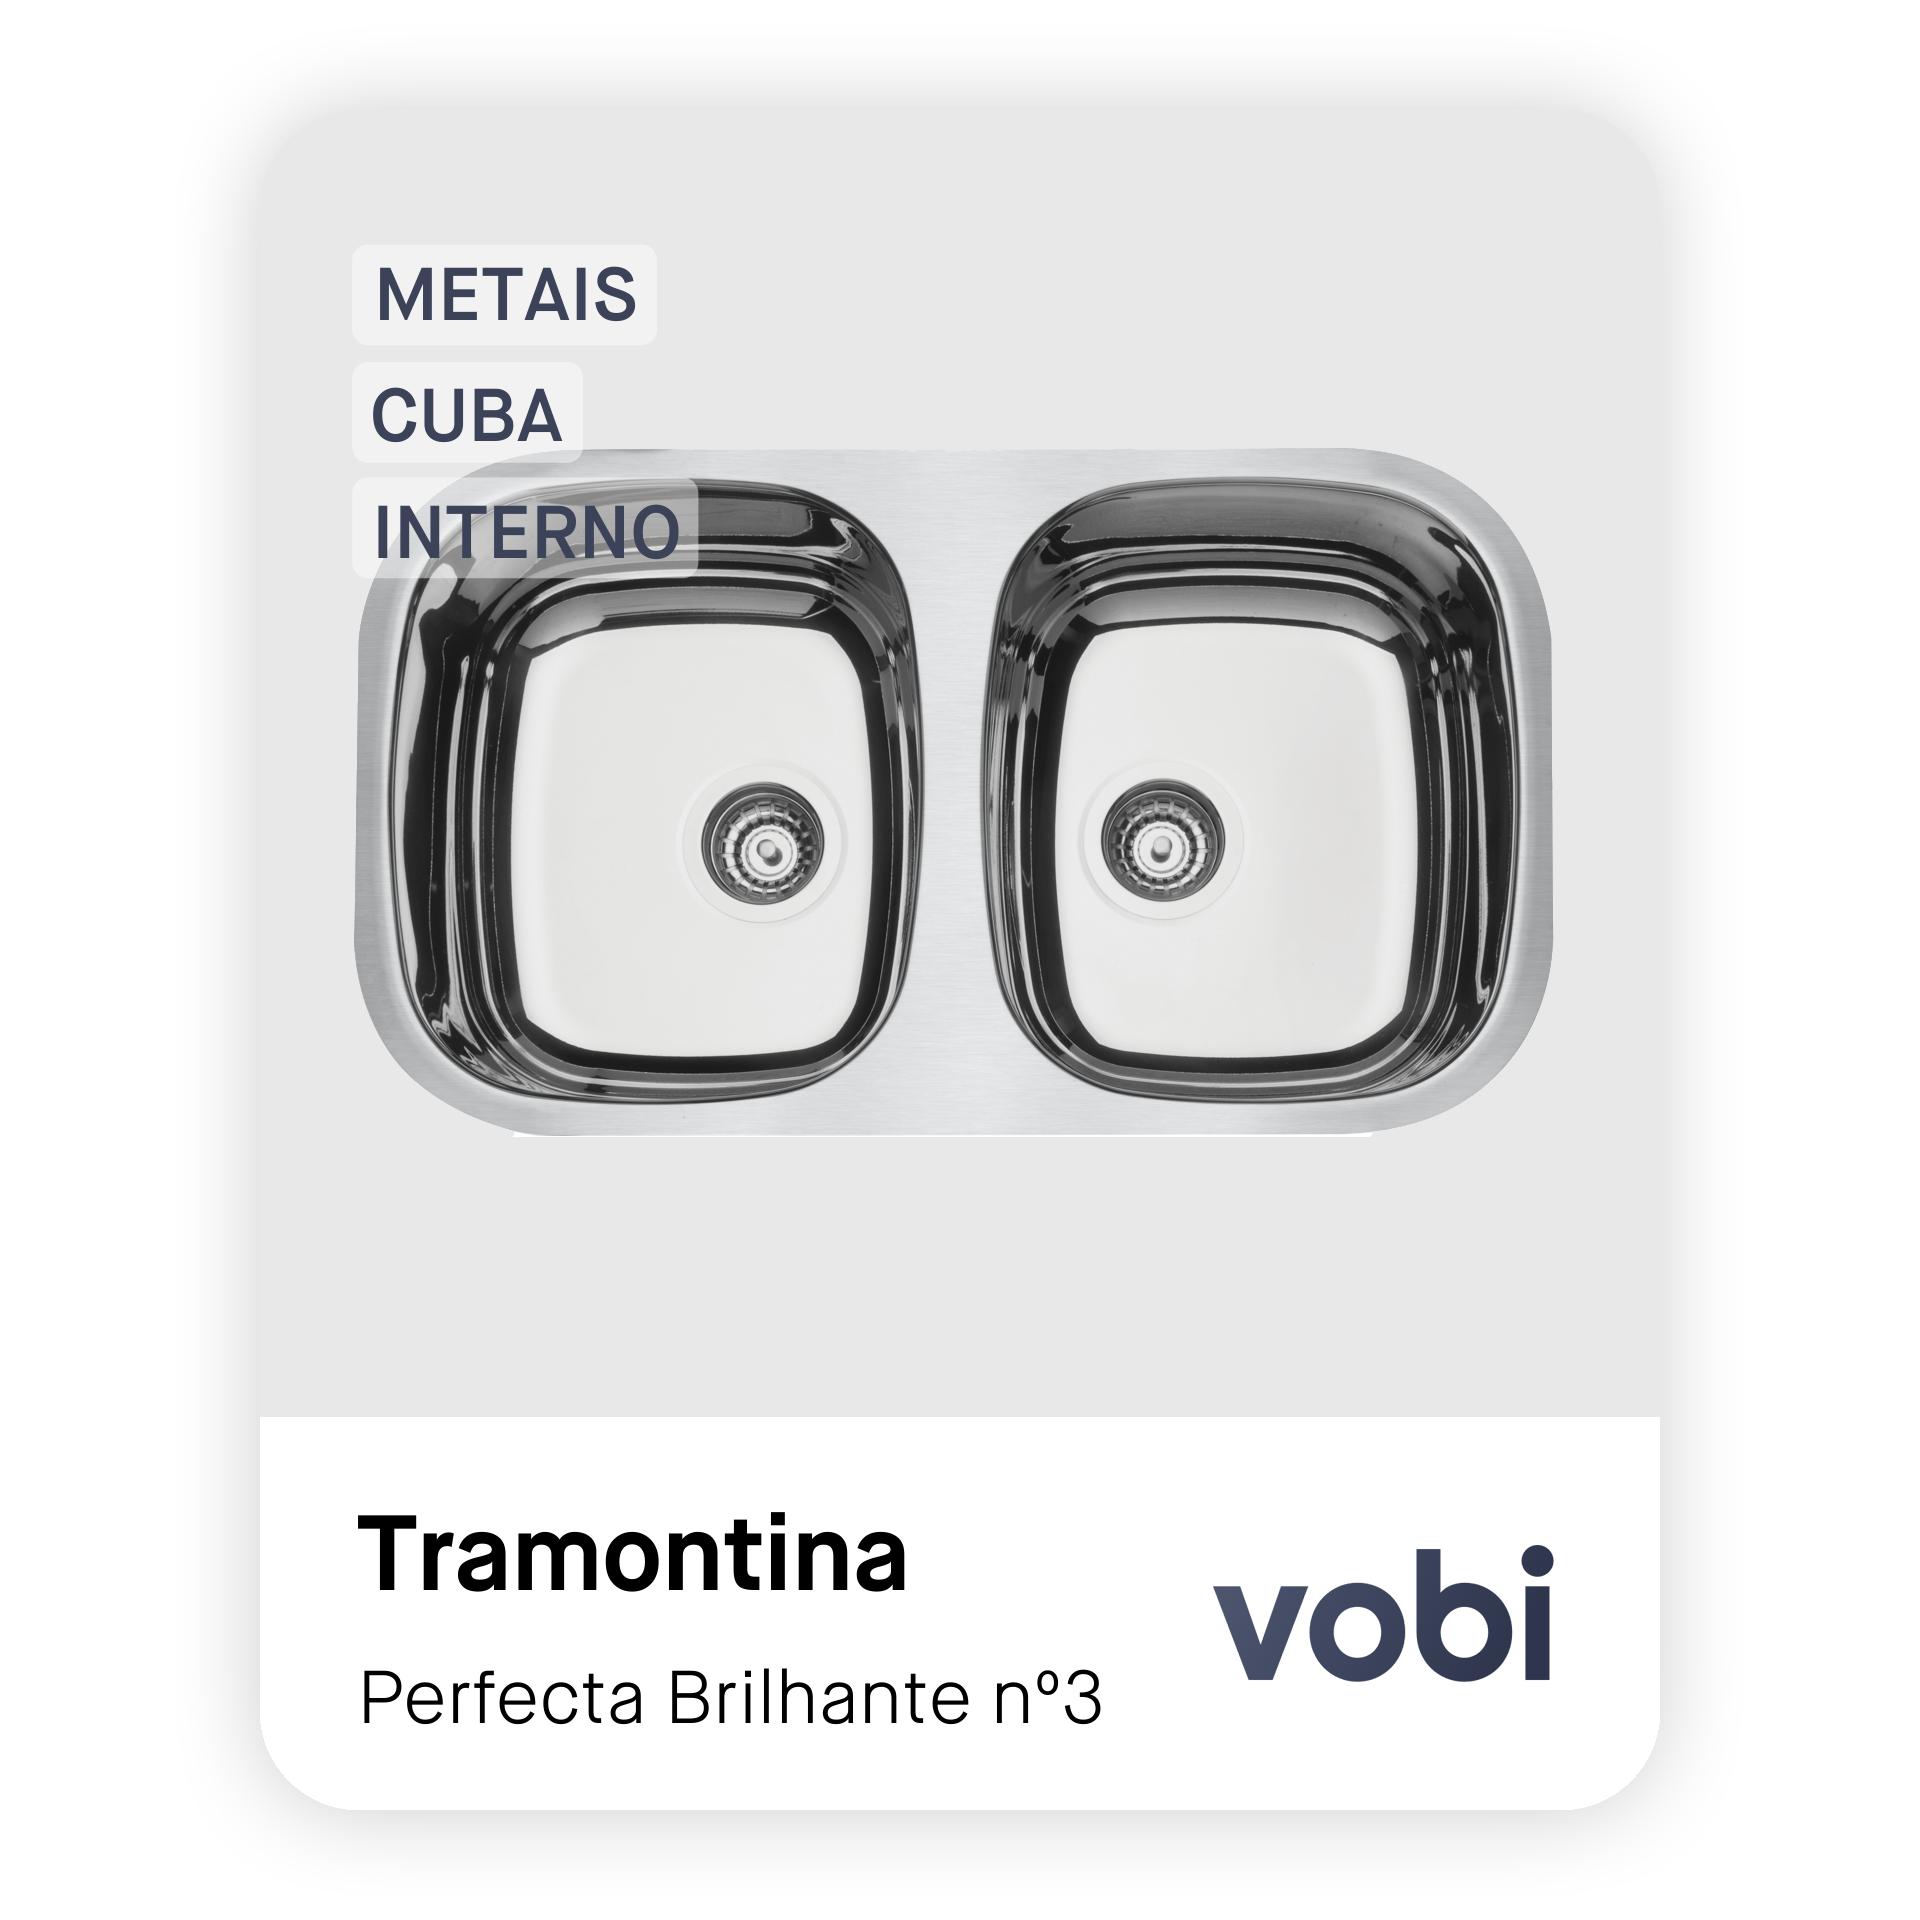 metais cuba dupla embutir interno